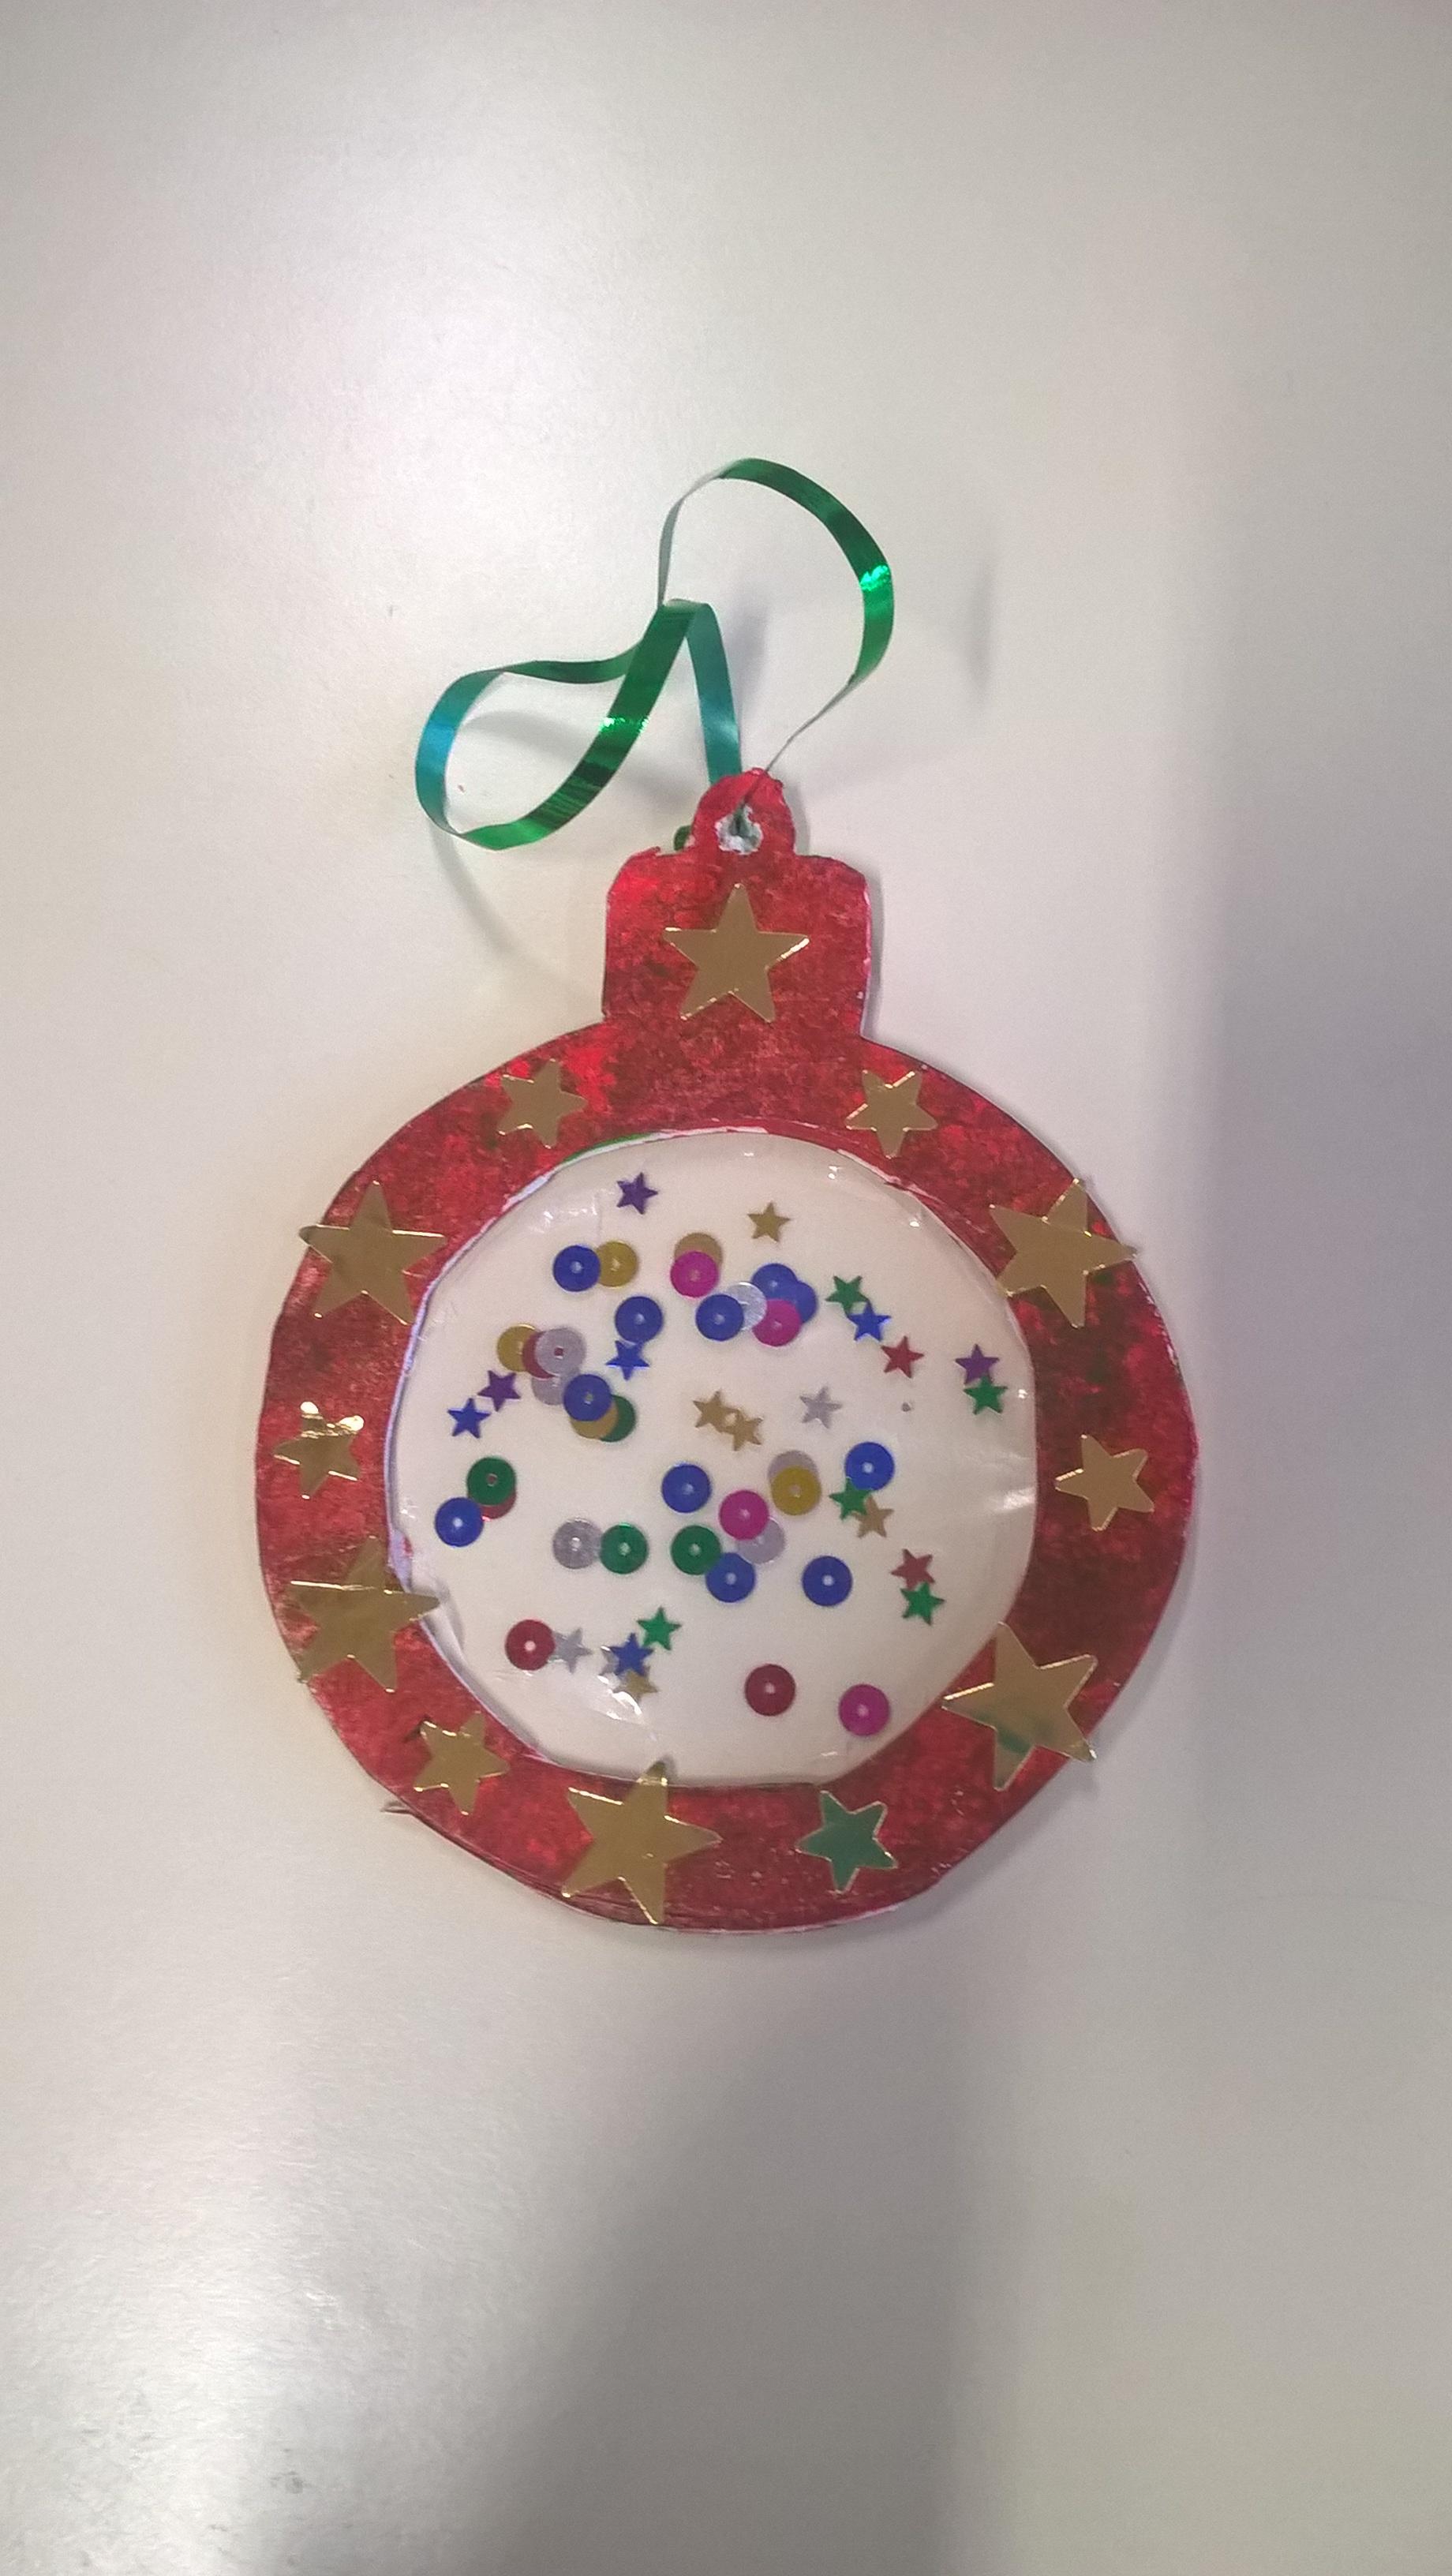 Boule De Noel Transparente A Decorer rallye-liens n°7 : une idée bricolage pour noël - chabadou